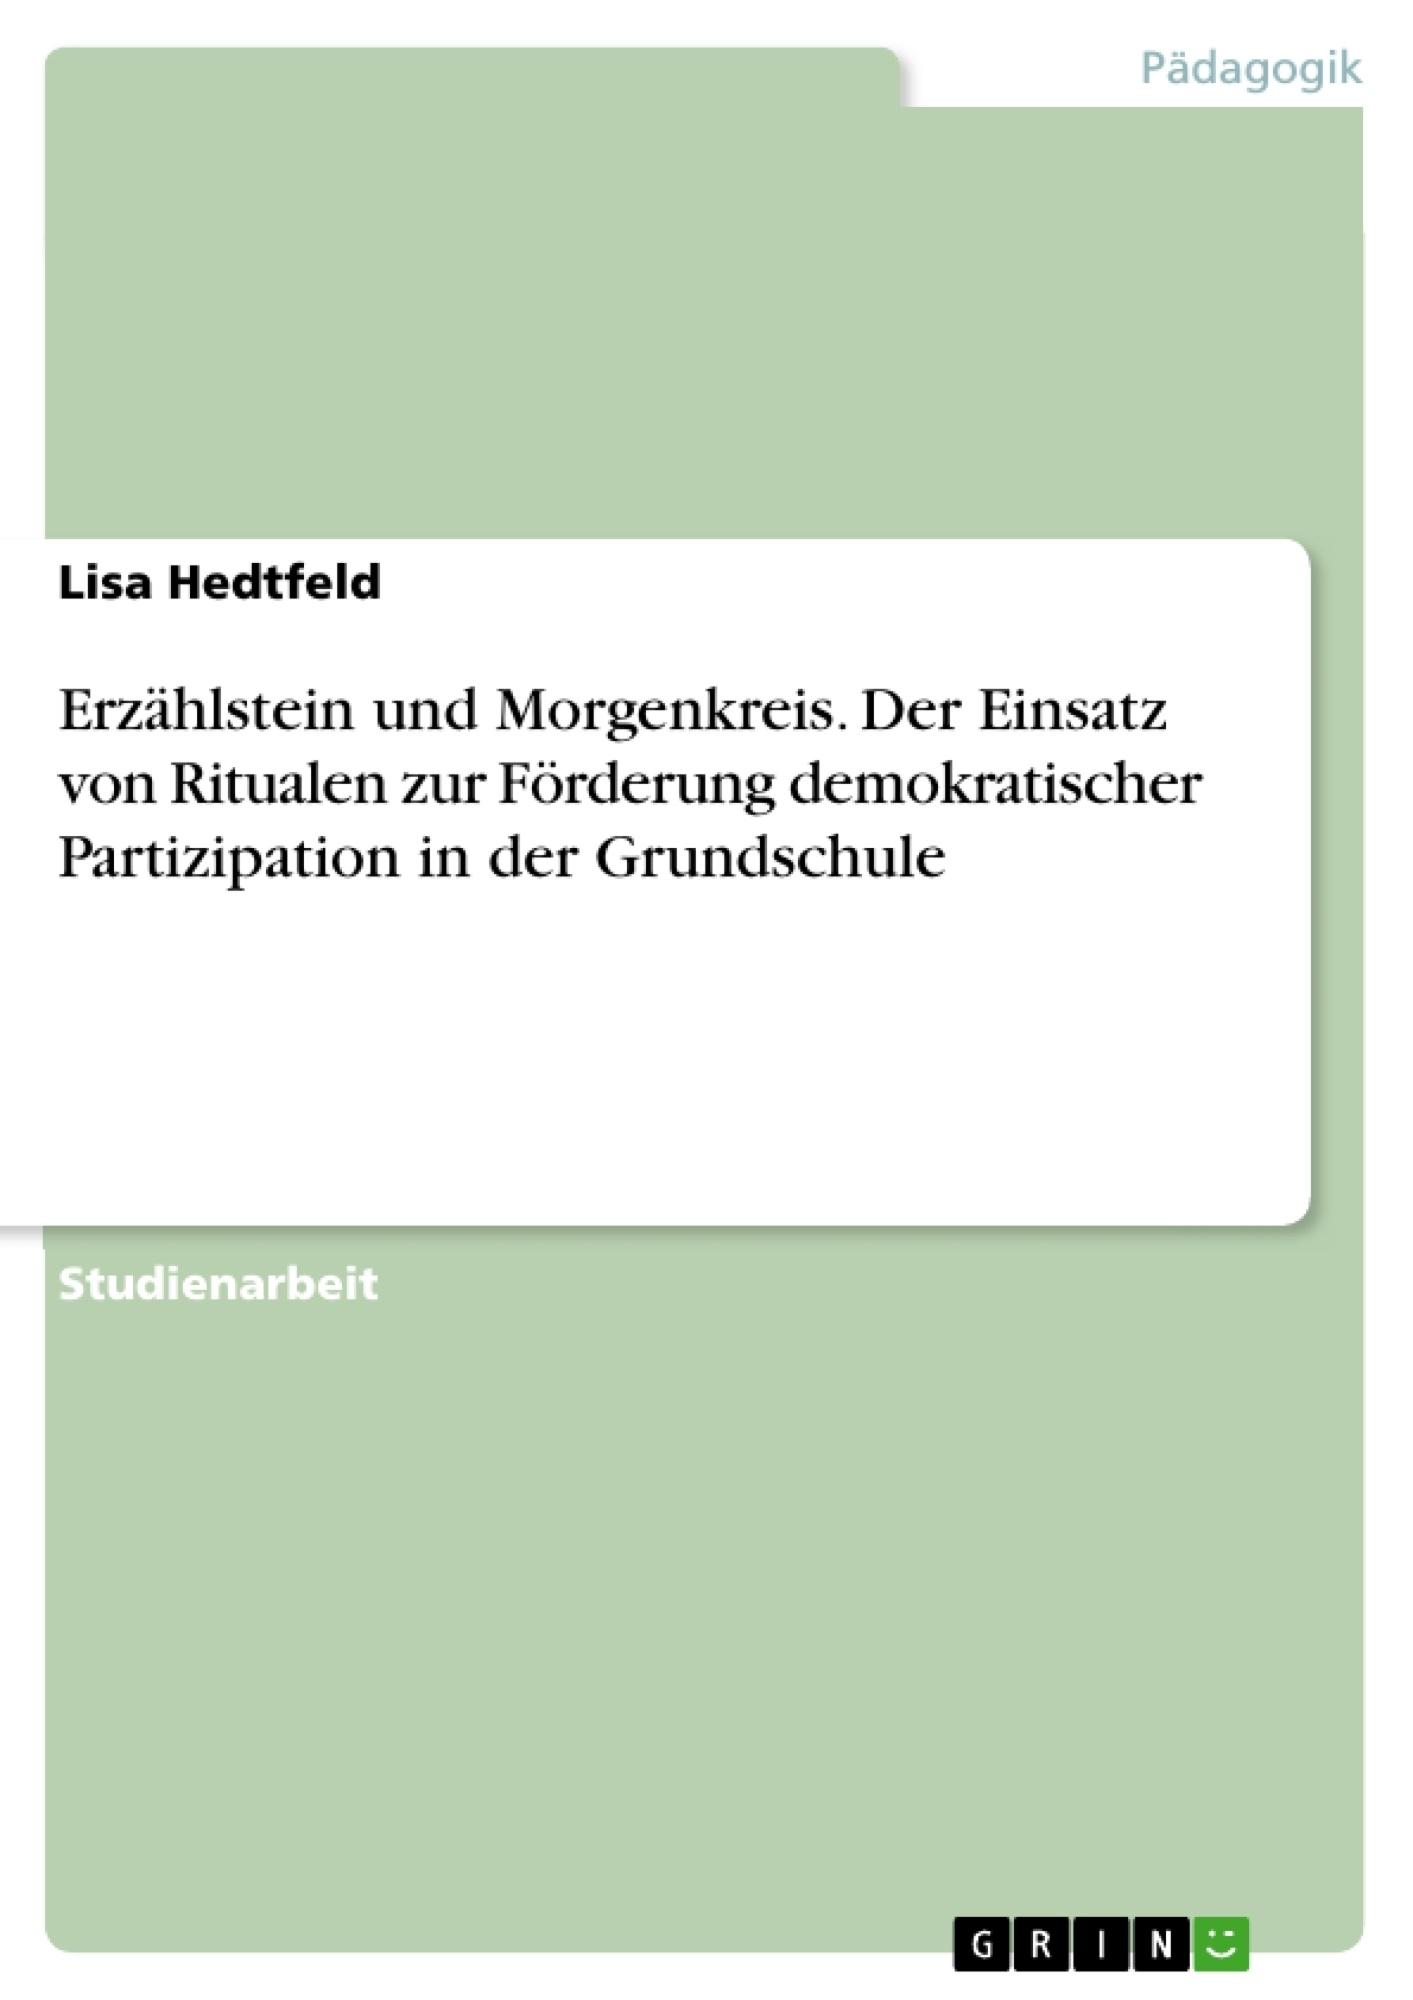 Titel: Erzählstein und Morgenkreis. Der Einsatz von Ritualen zur Förderung demokratischer Partizipation in der Grundschule